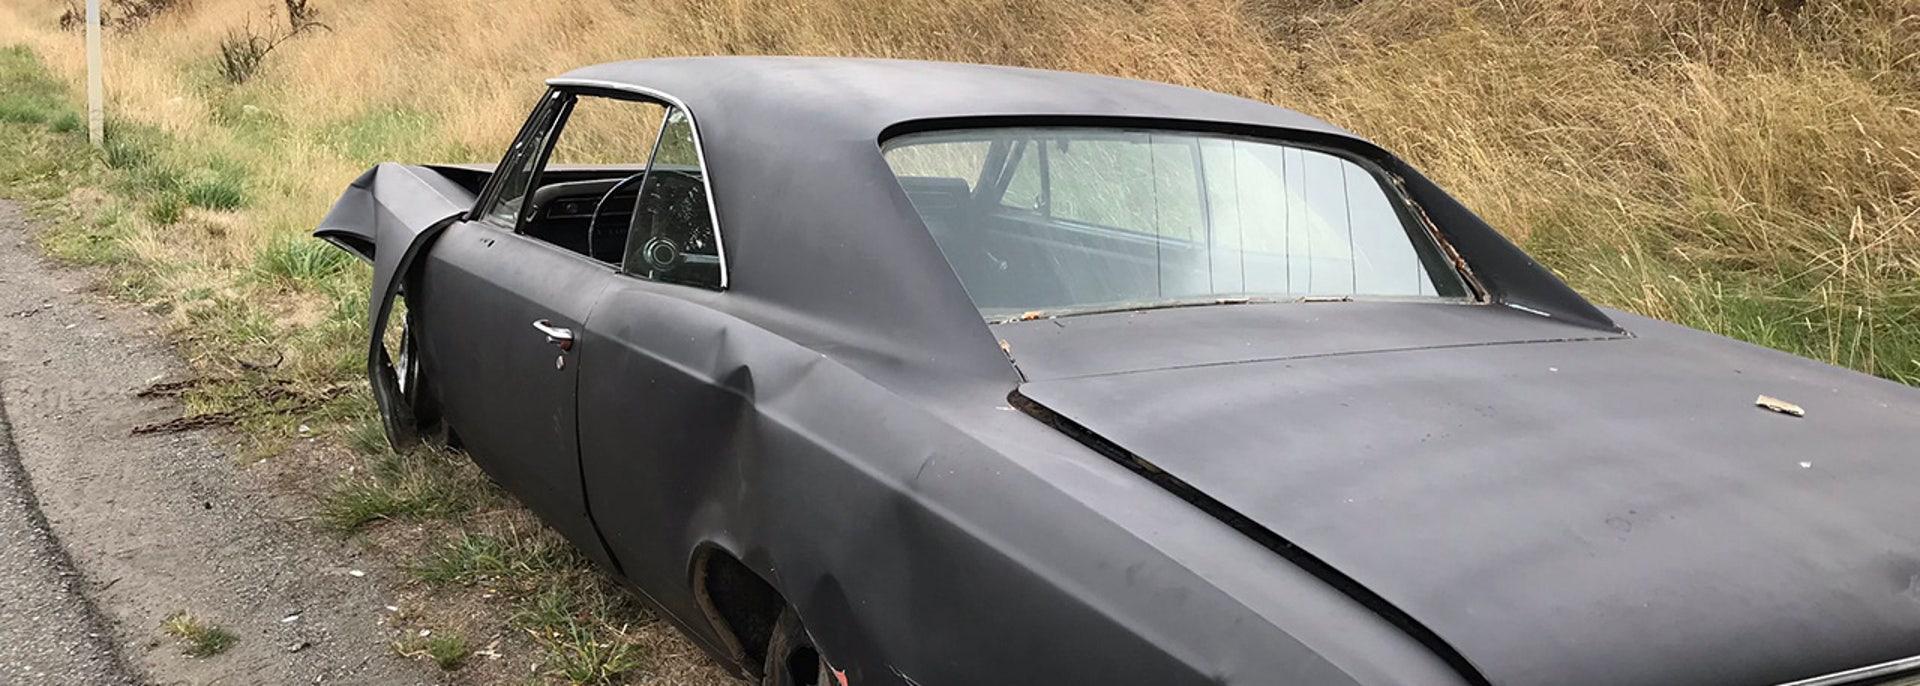 1967 Chevrolet Chevelle crashes